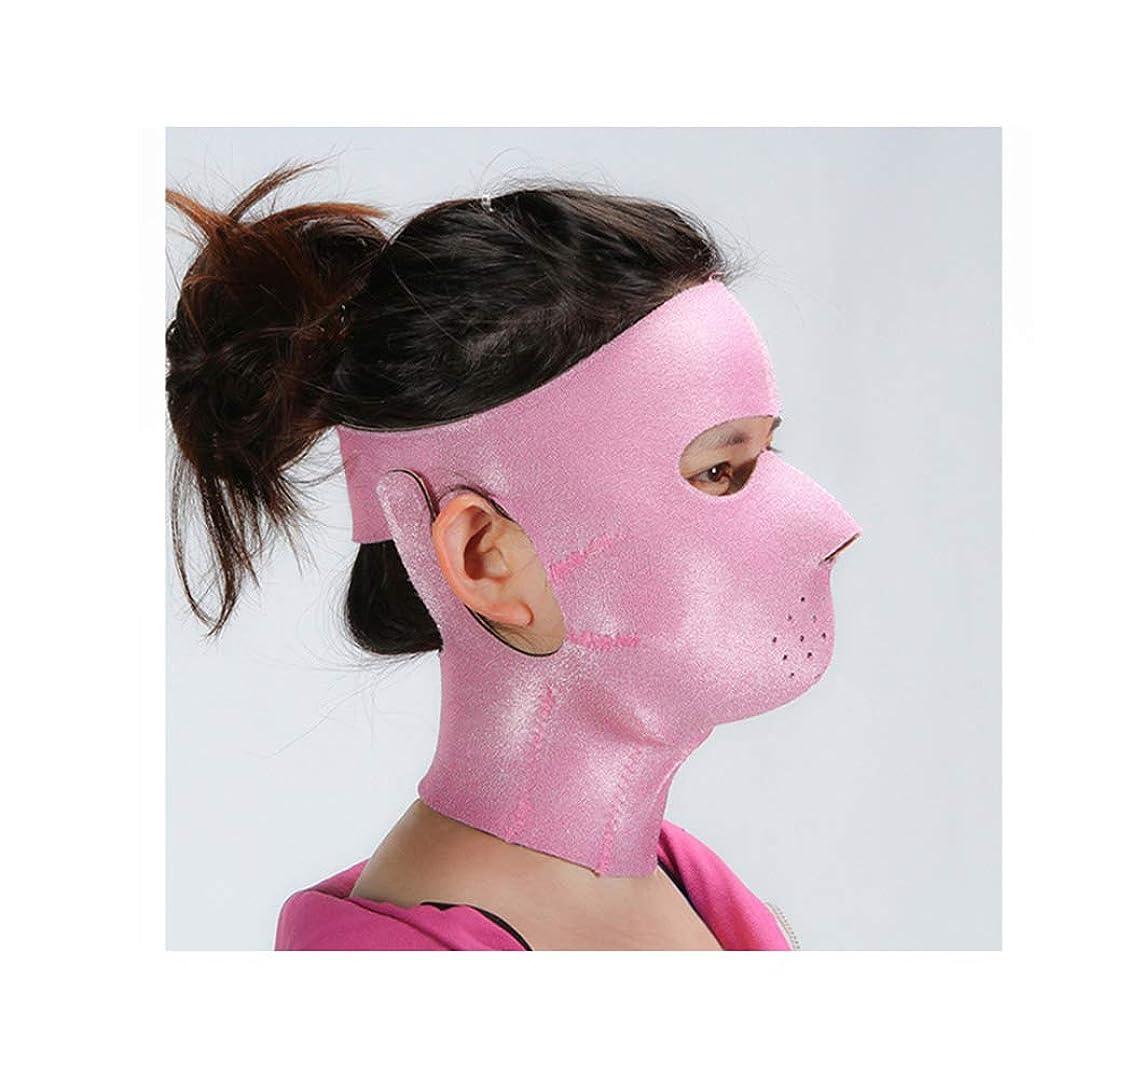 寛大な社会主義者ボイラーTLMY 薄い顔マスクマスクプラス薄いマスク引き締めアンチエイジング薄いマスク顔の薄い顔マスクアーティファクト美容ネックバンド 顔用整形マスク